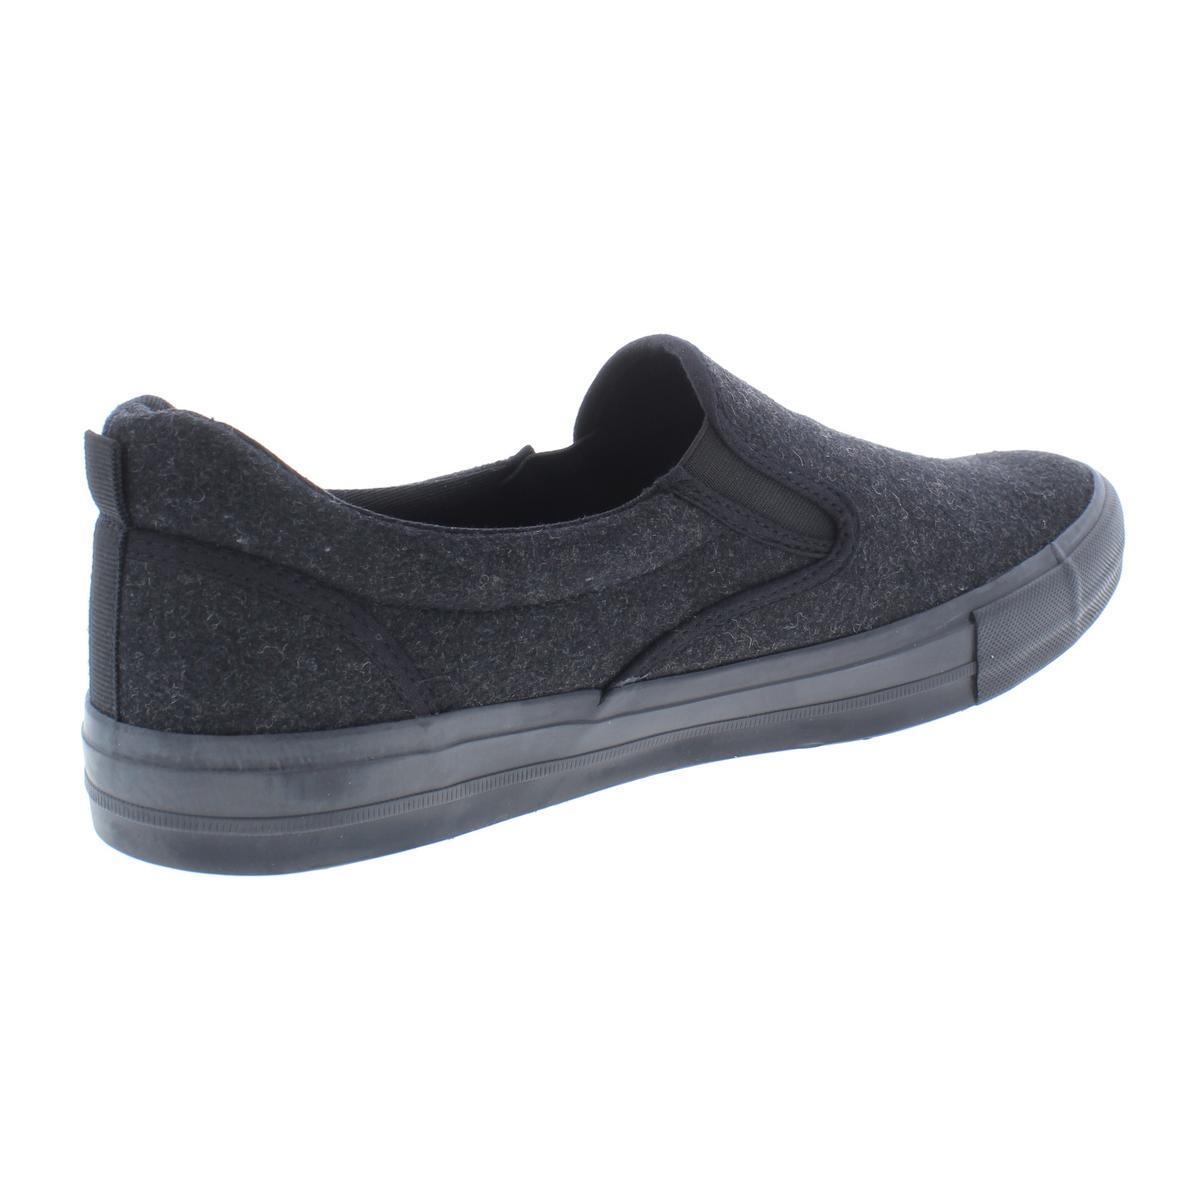 Steve-Madden-Mens-Mutt-Loafer-Slip-On-Sneaker-Casual-Shoes-BHFO-9992 thumbnail 4